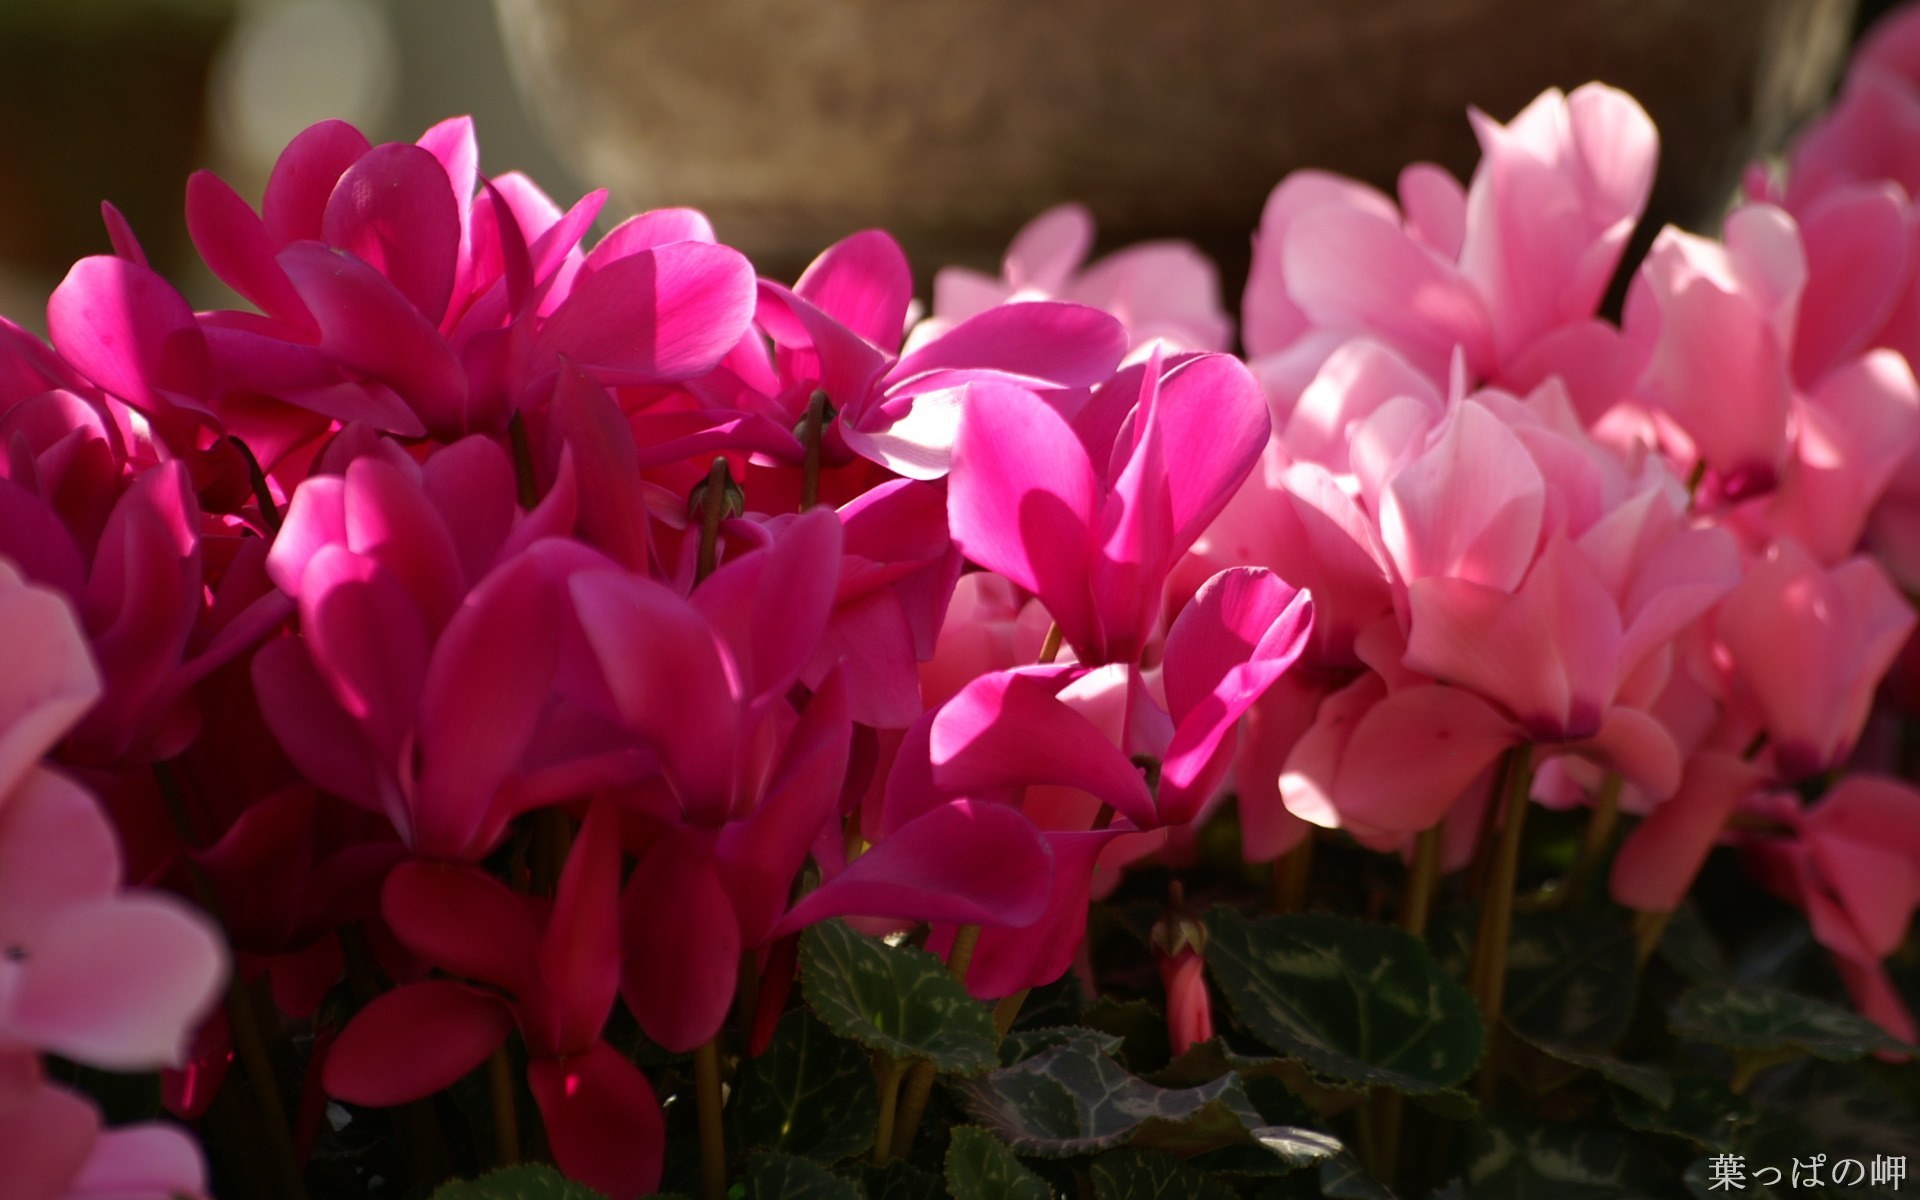 壁纸 摄影/高精度个人花卉摄影集